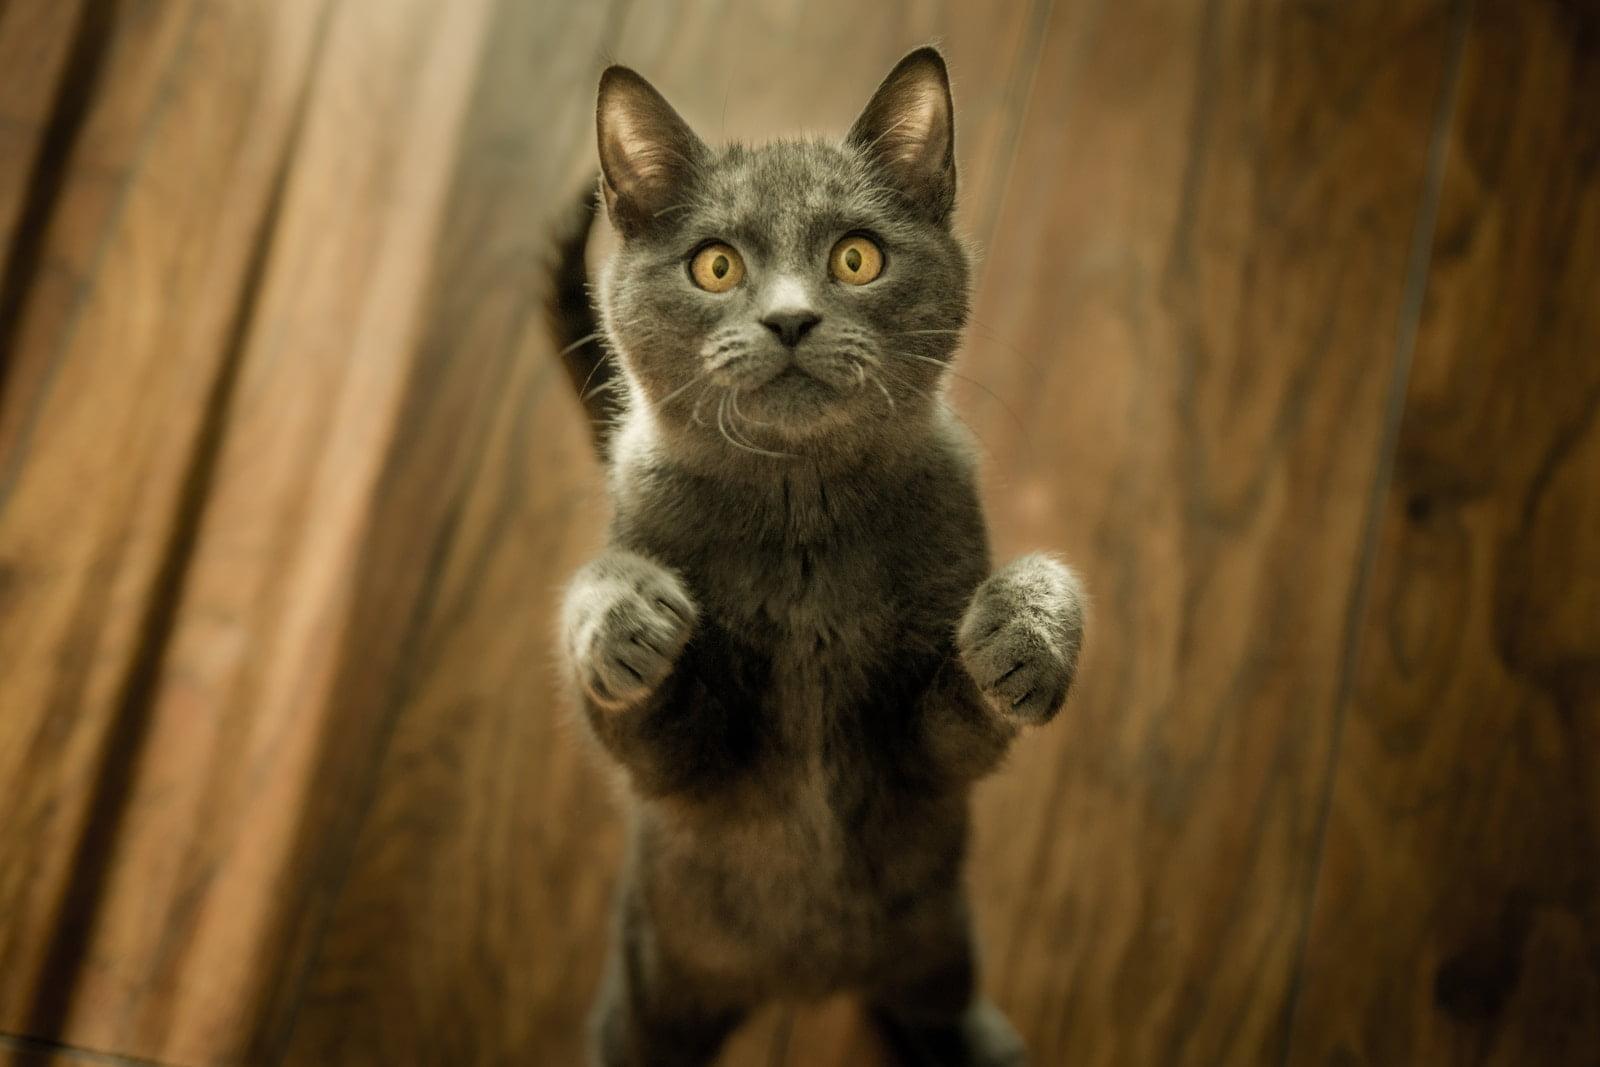 ¿Por qué mi gato siempre tiene hambre? ¿Qué podría estar mal?